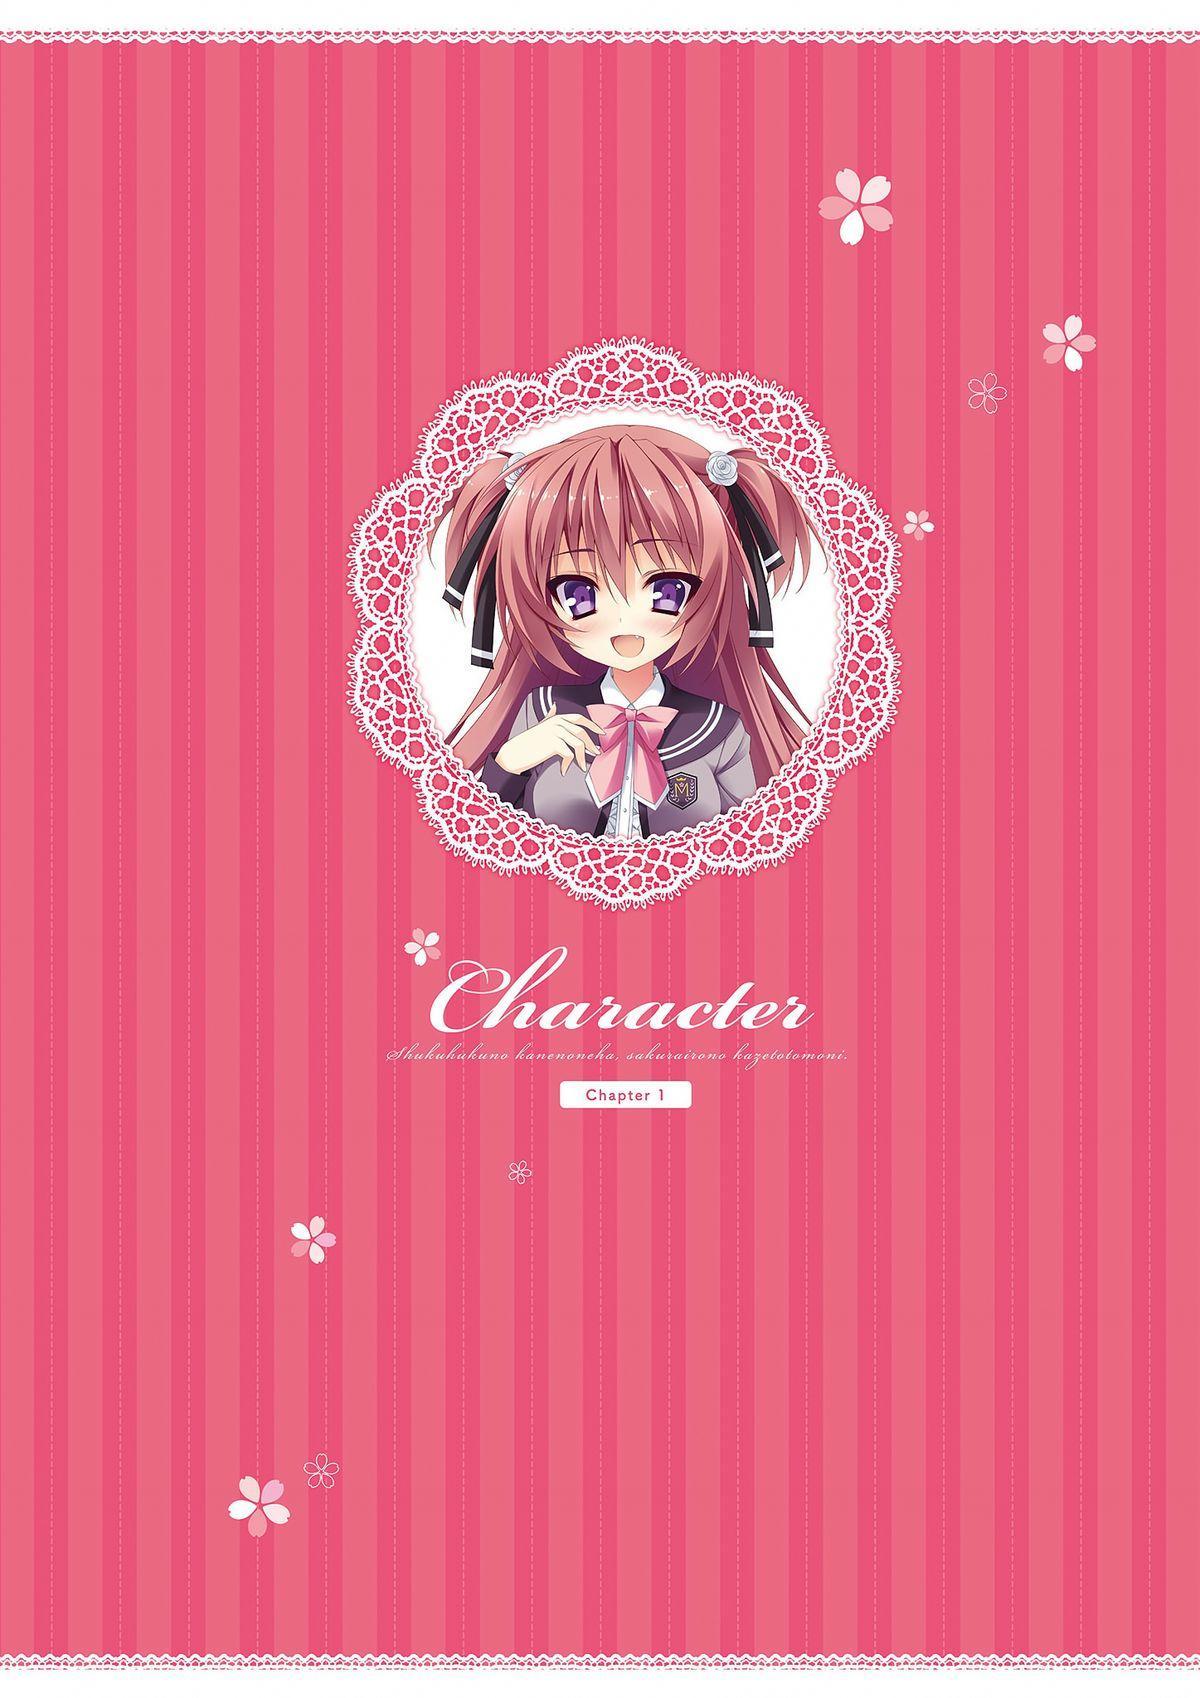 Shukufuku no Kane no Oto wa, Sakura-iro no Kaze to Tomo ni Visual Fanbook 8